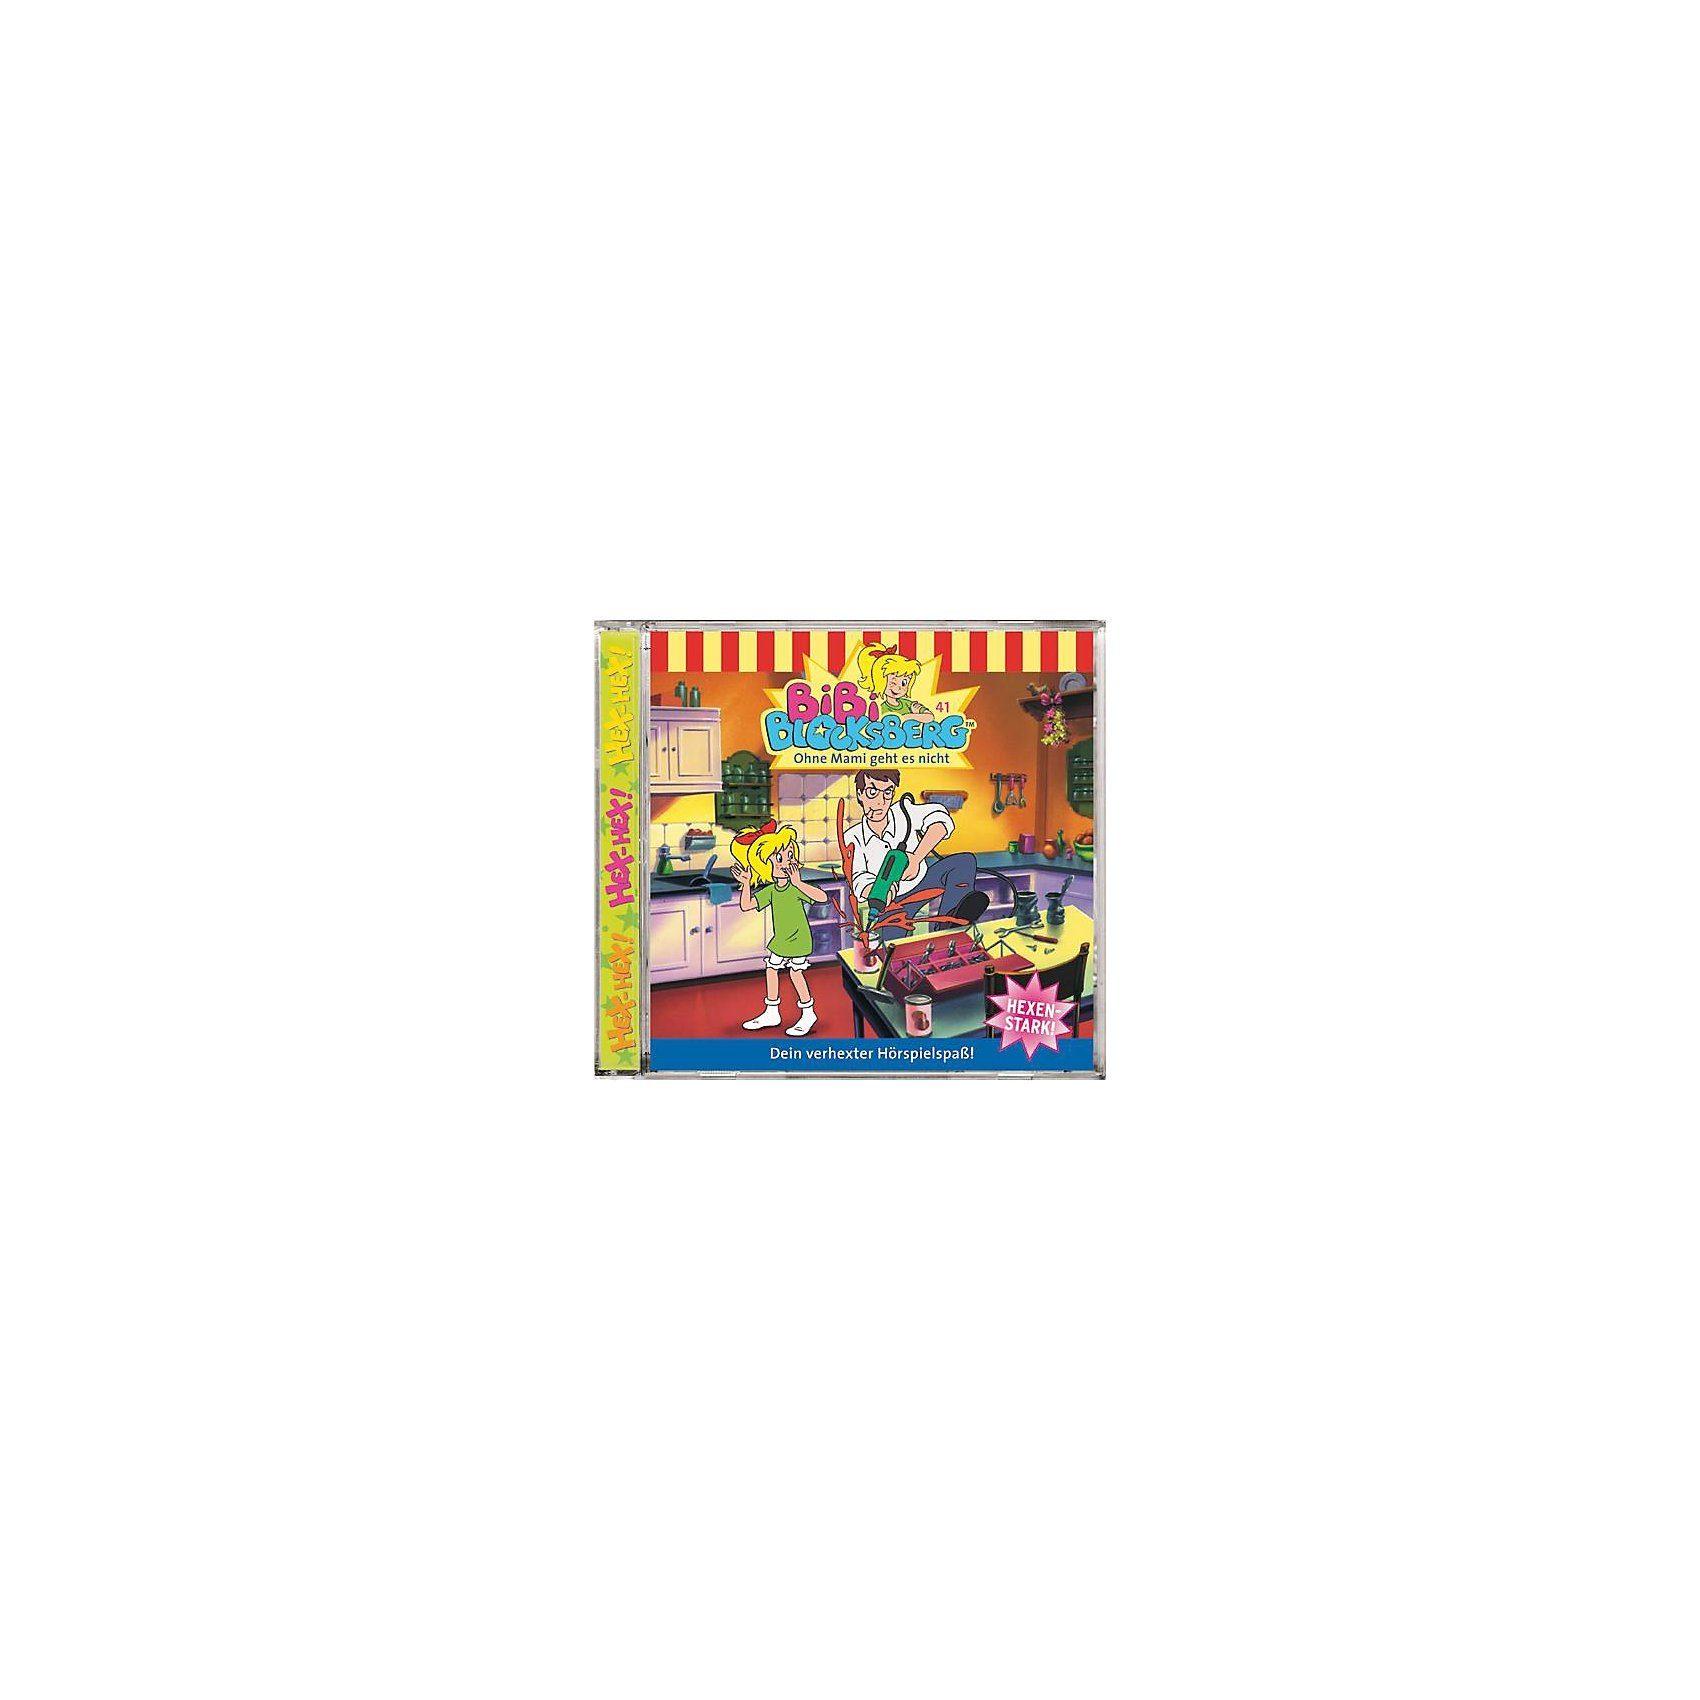 Kiddinx CD Bibi Blocksberg 41 (Ohne Mami geht es nicht)